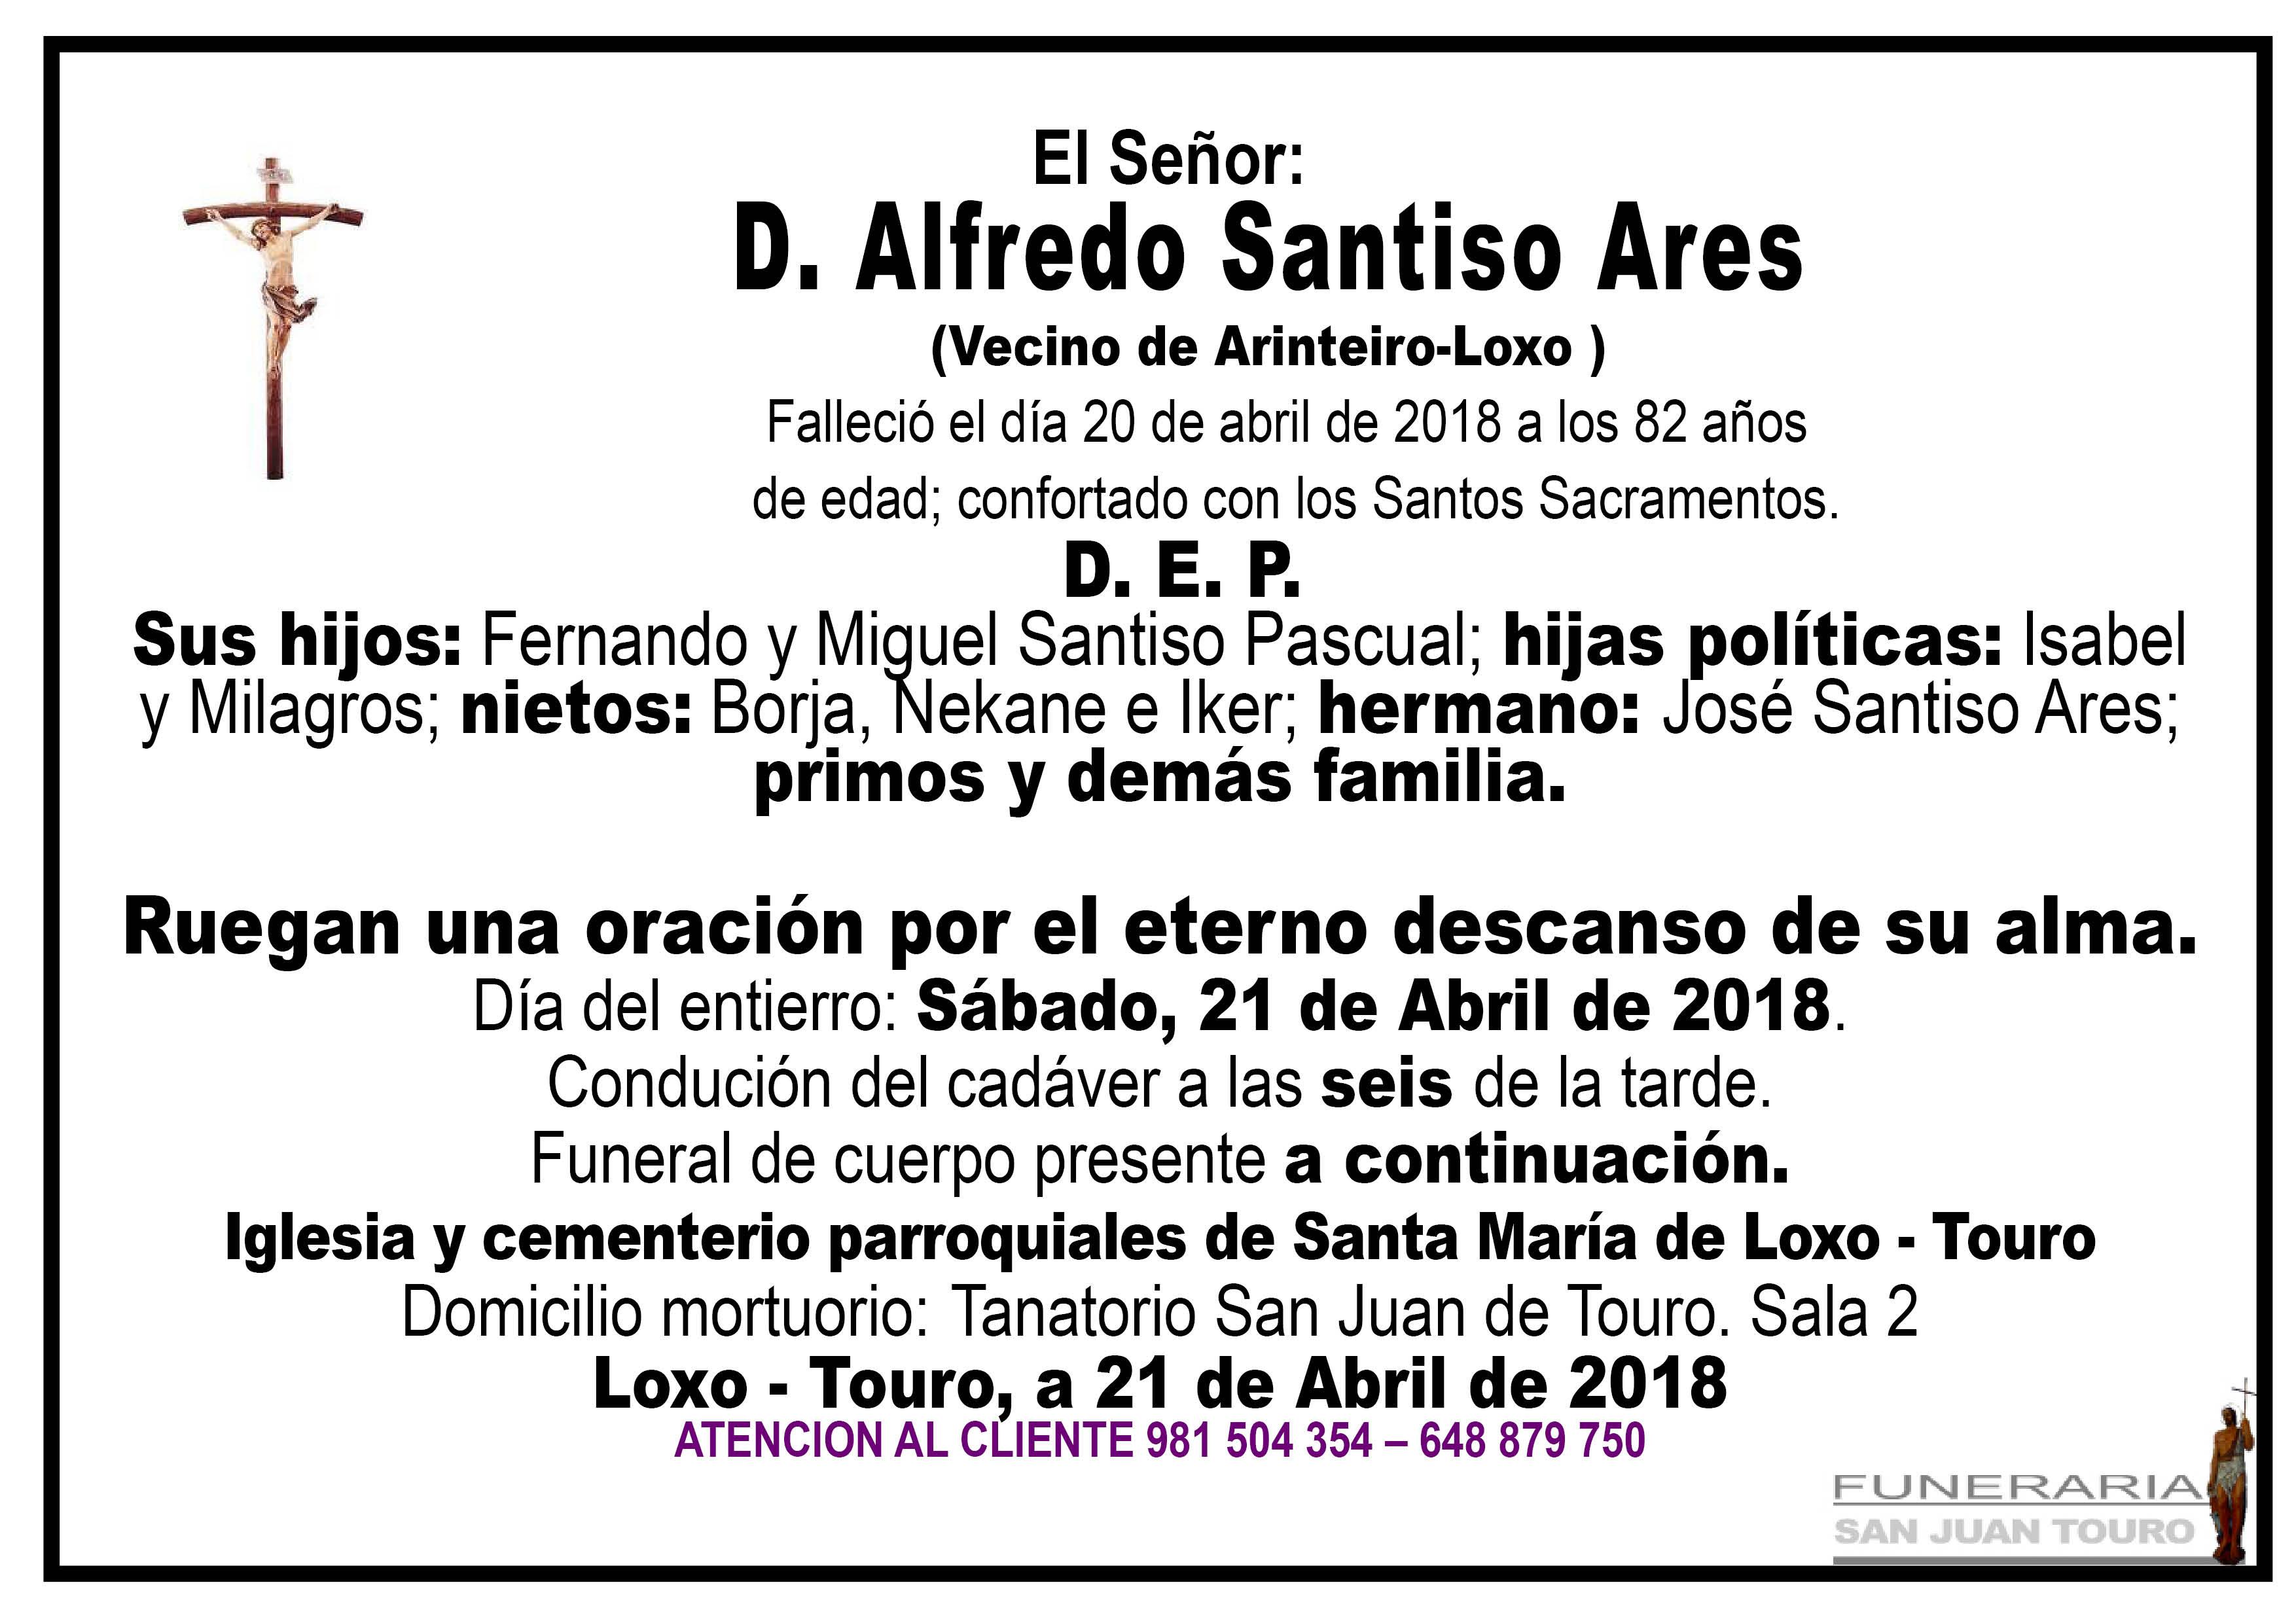 Esquela de SEPELIO DE DON ALFREDO SANTISO ARES.